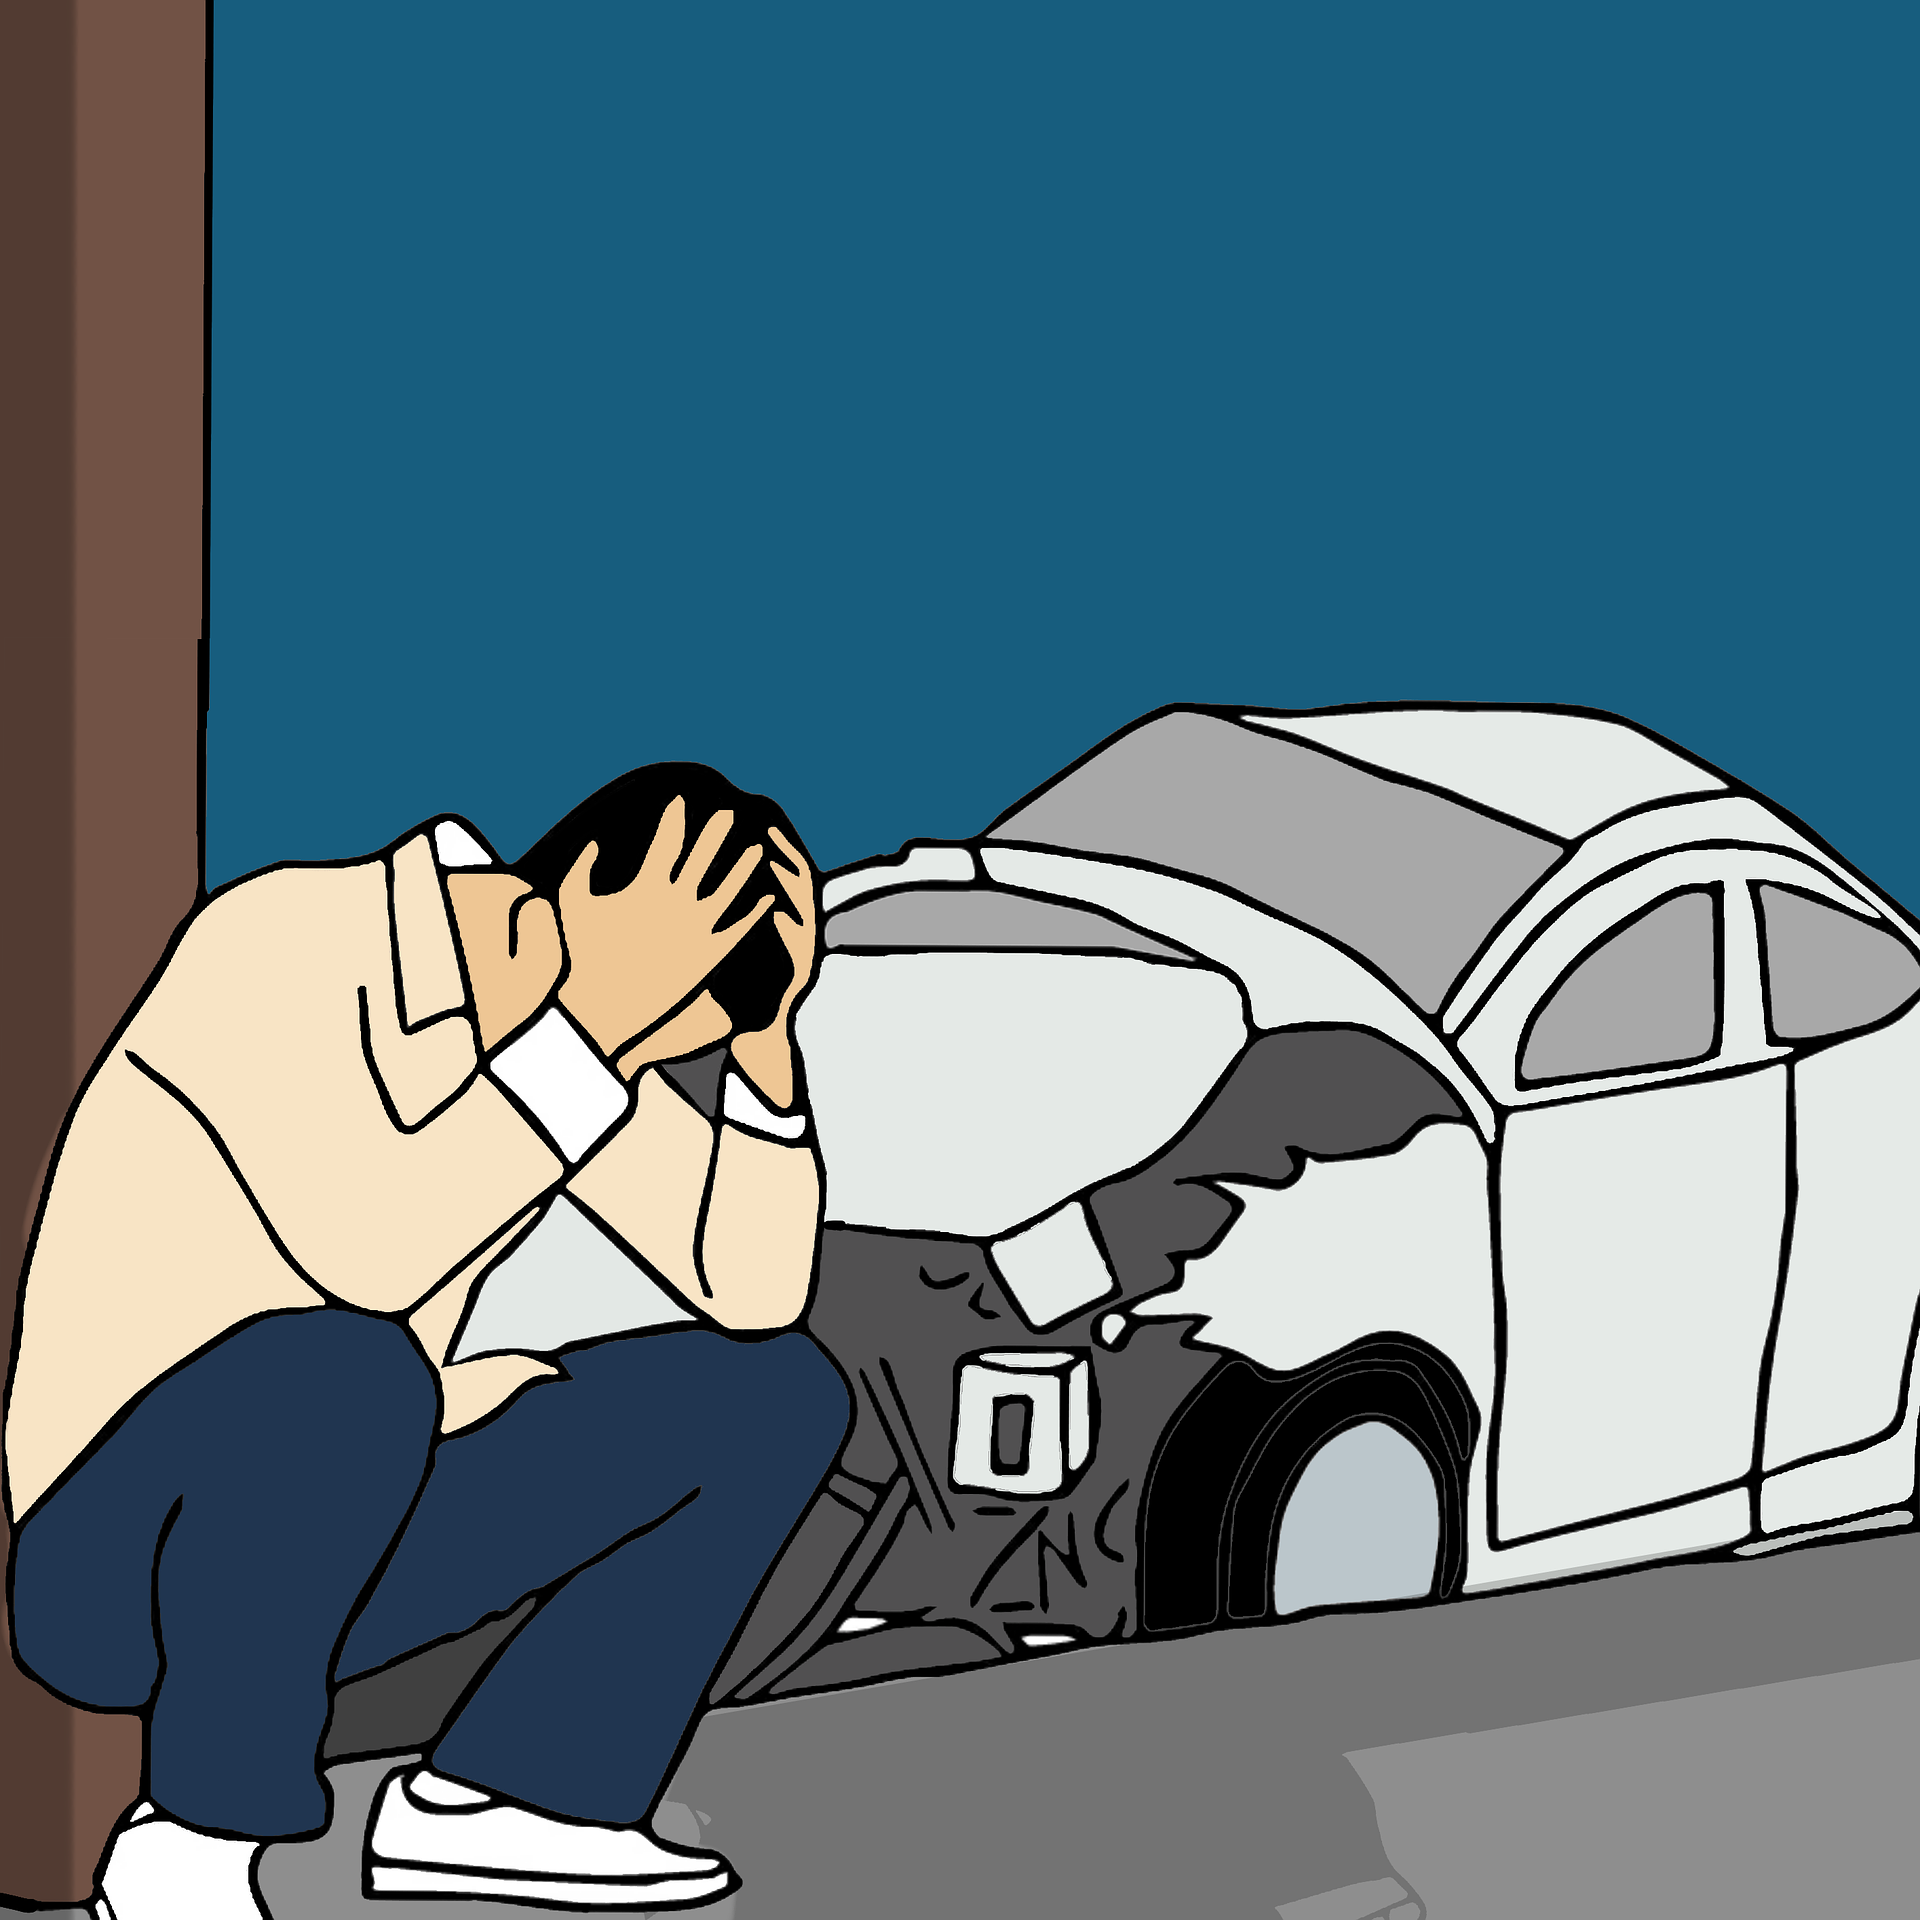 תאונת דרכים: איך ממשיכים מכאן?